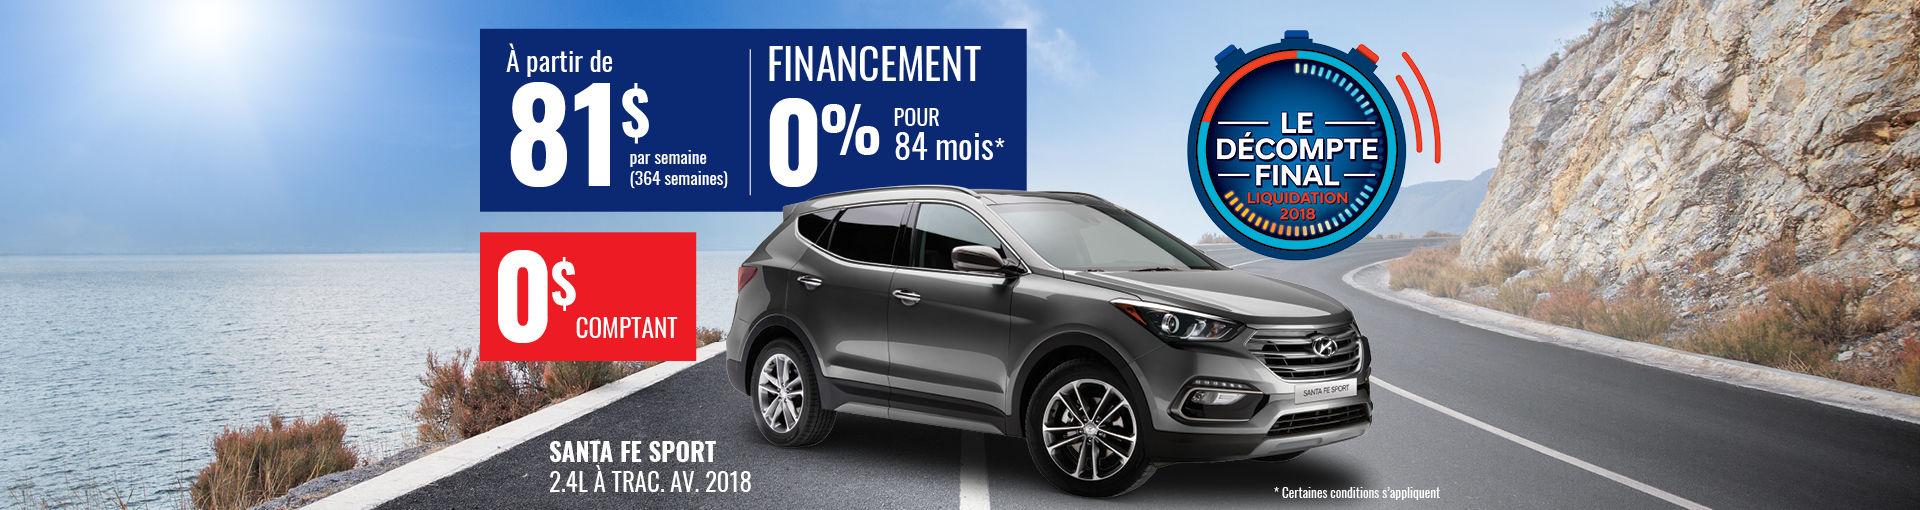 Promo Hyundai Casavant août 2018- Santa fe 2018 pc